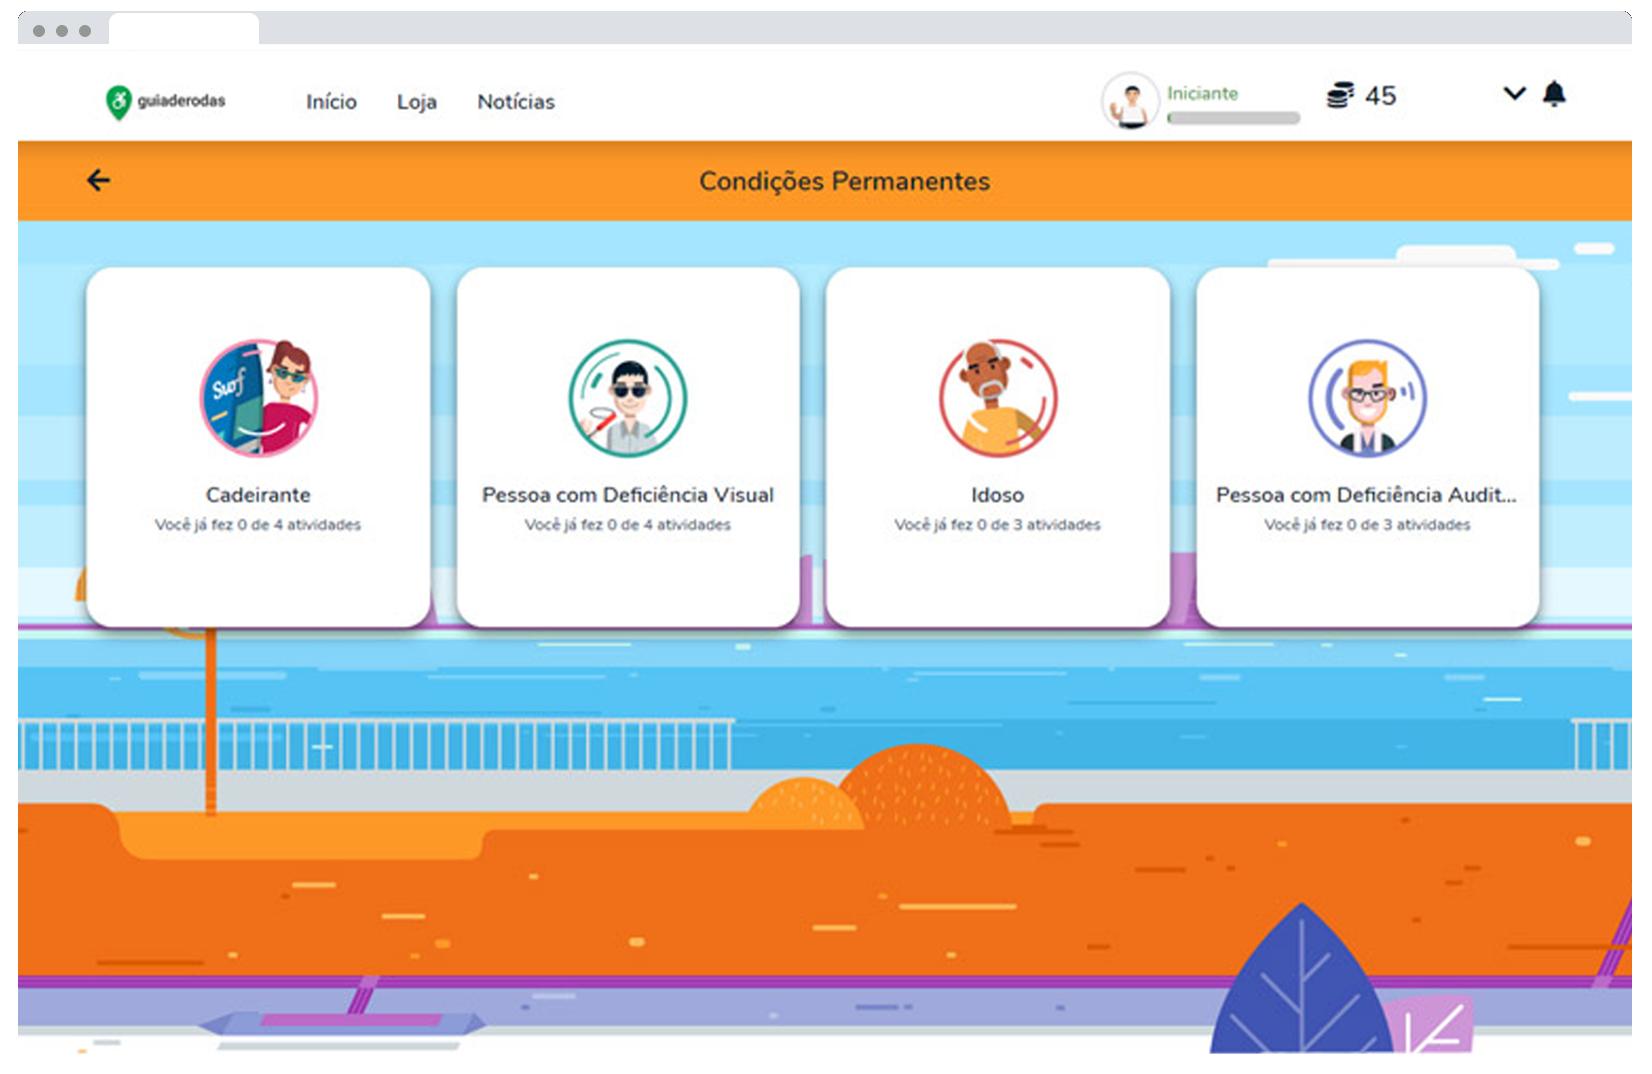 Imagem Plataforma gamificada a favor da acessibilidade